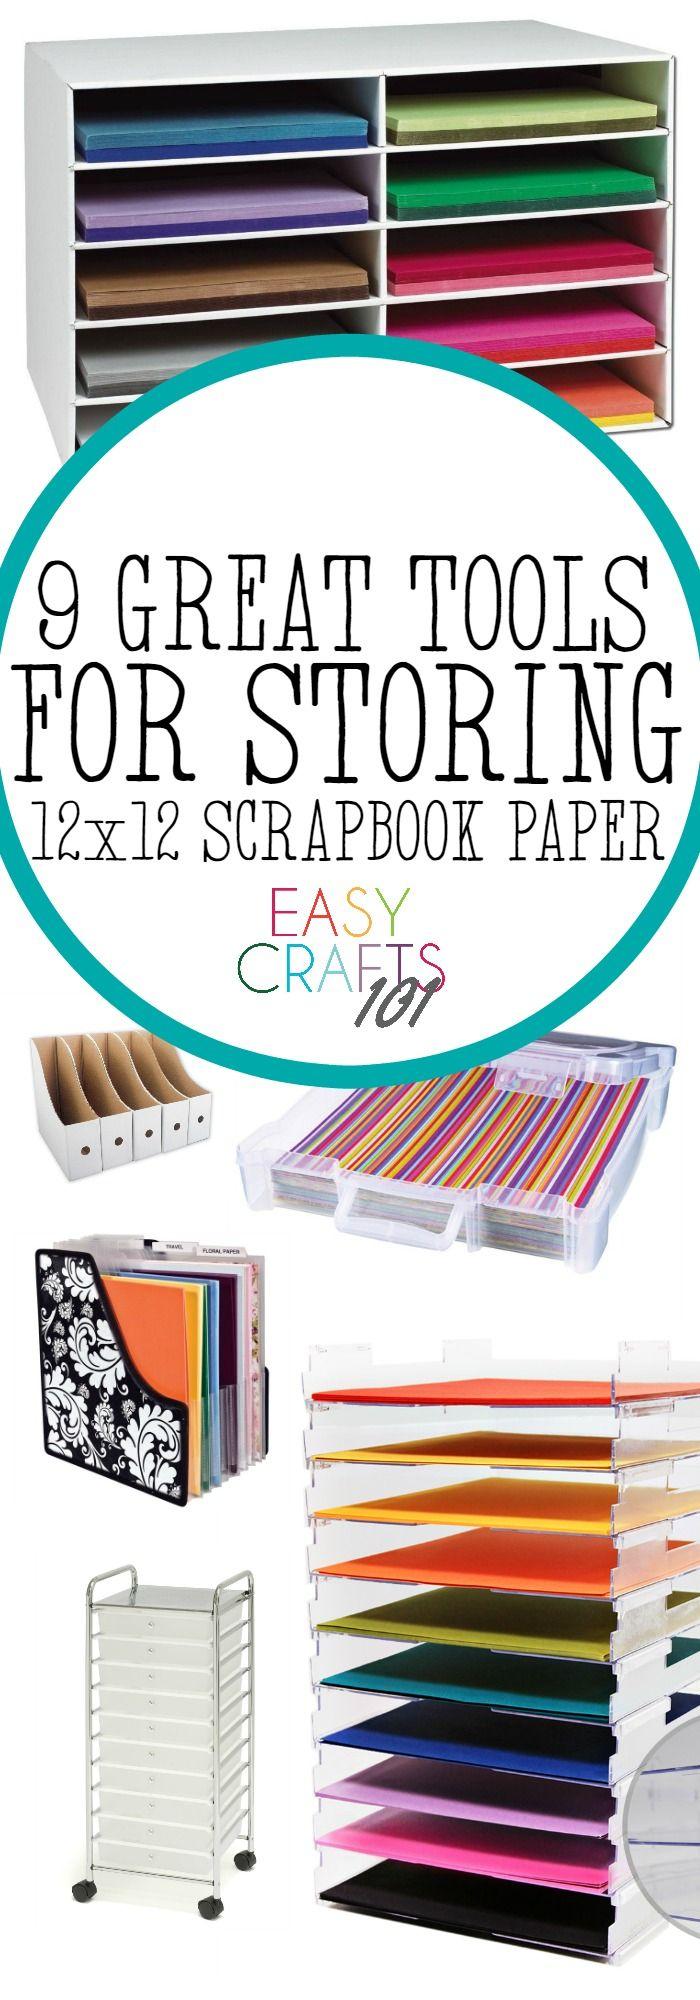 9 Ways to Store 12x12 Scrapbook Paper | Scrapbook paper, Scrapbook ...